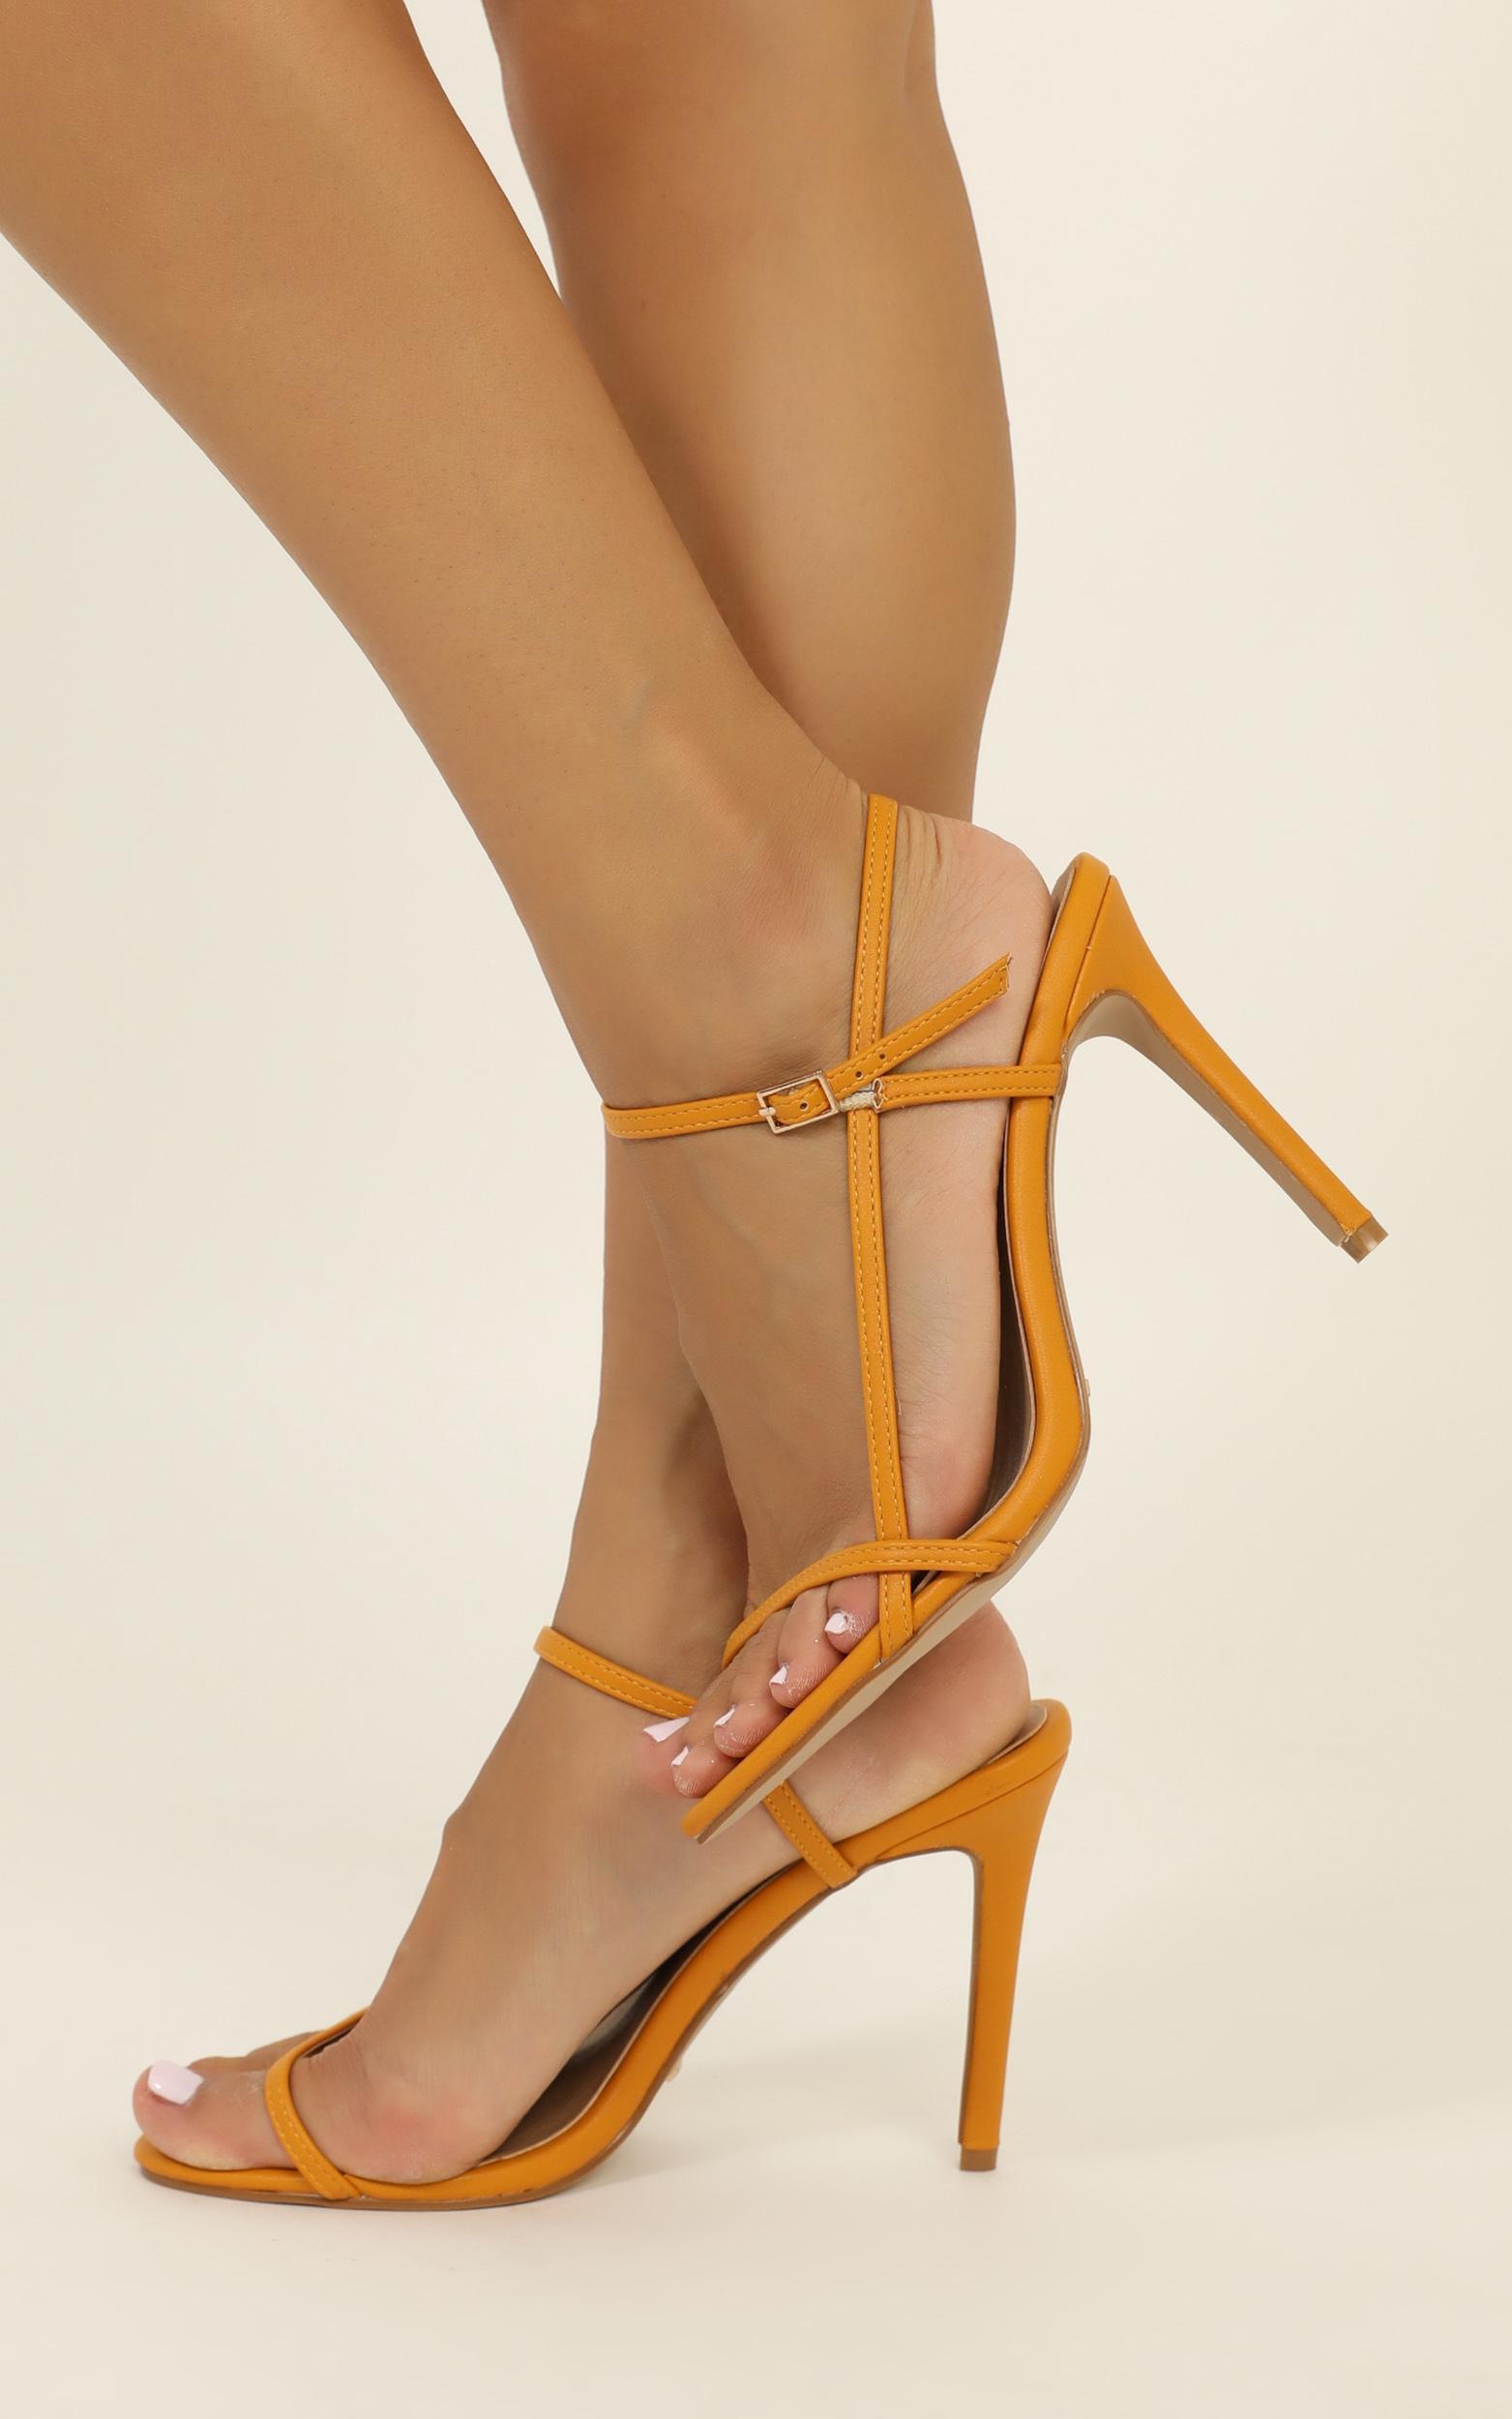 Billini - Tilly heels in spice - 10, Orange, hi-res image number null